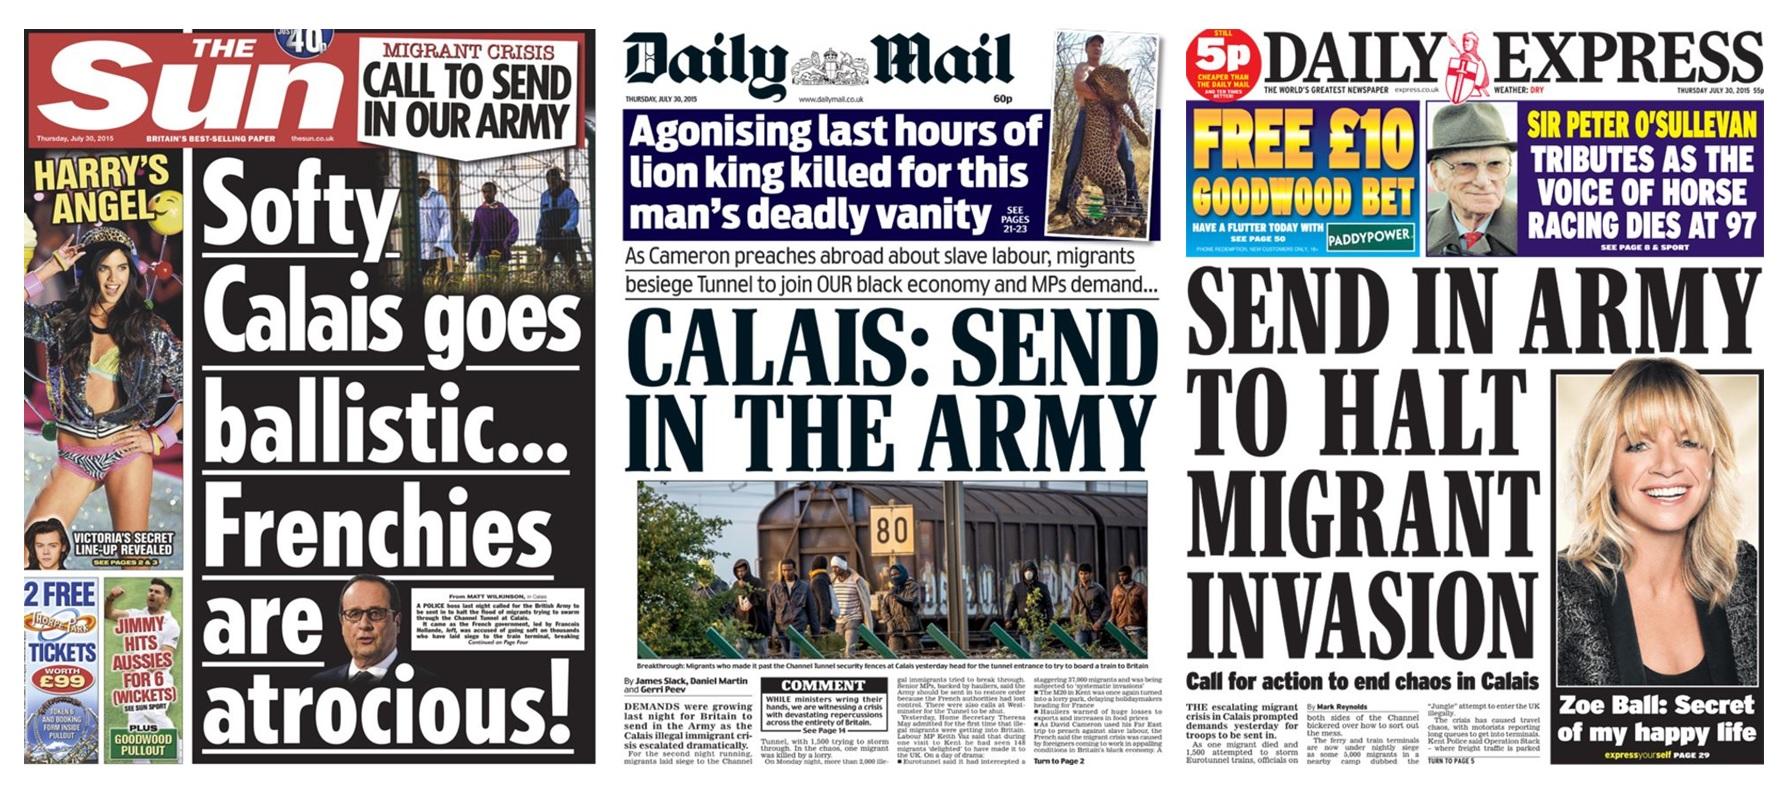 refugee media coverage